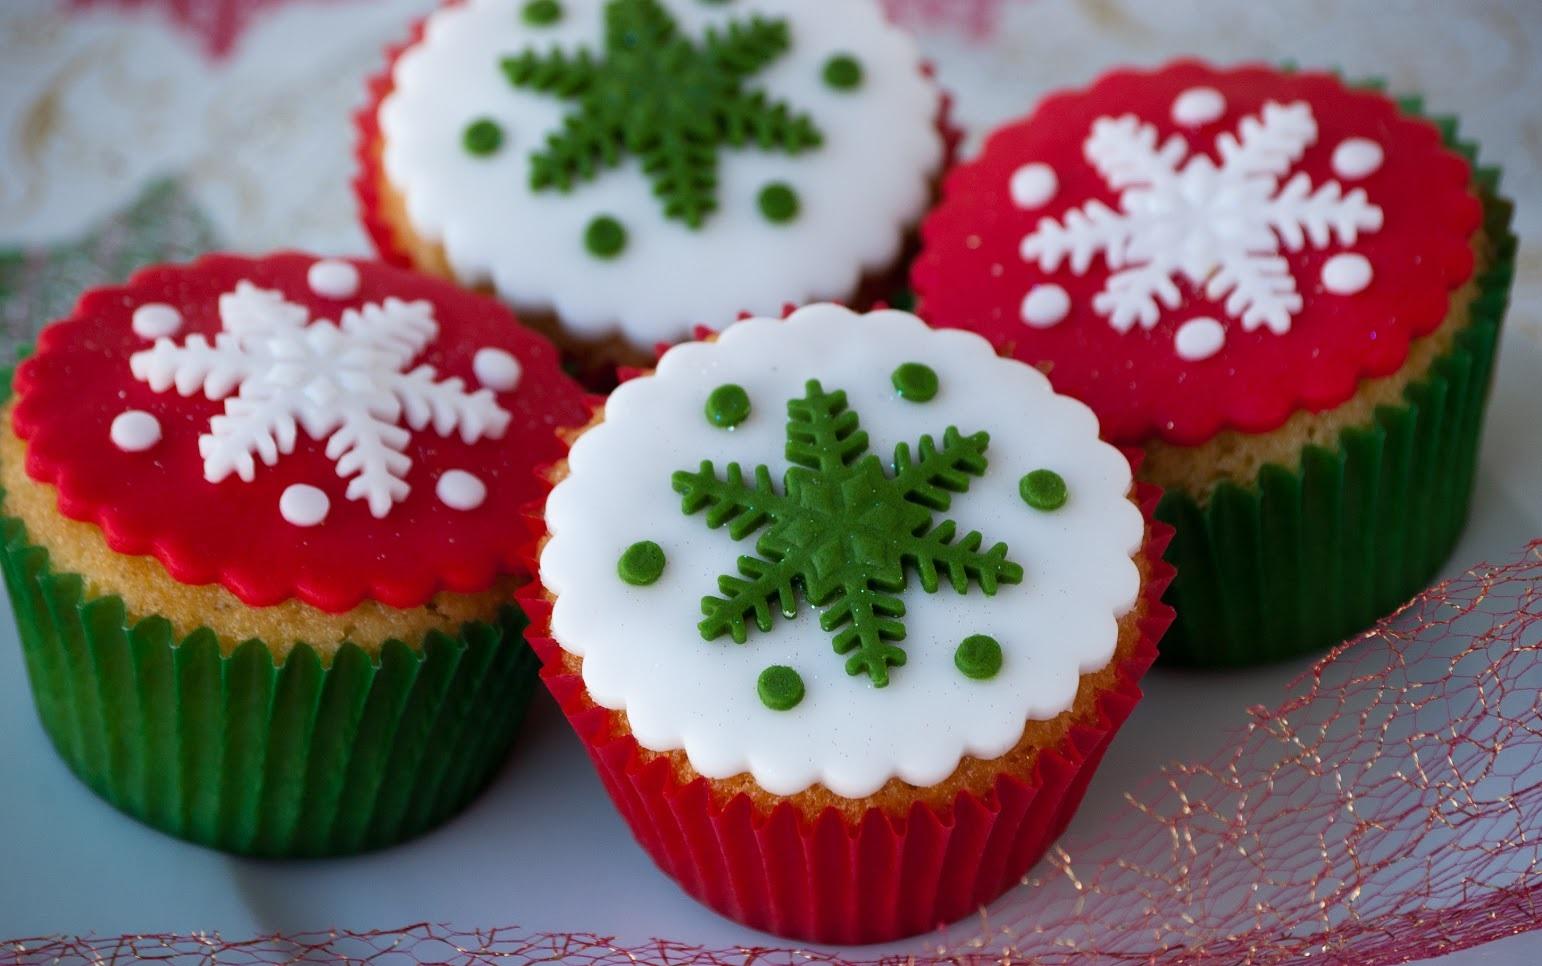 Regalo bodas de oro regalo bodas de plata el peri dico for Decoracion en cupcakes